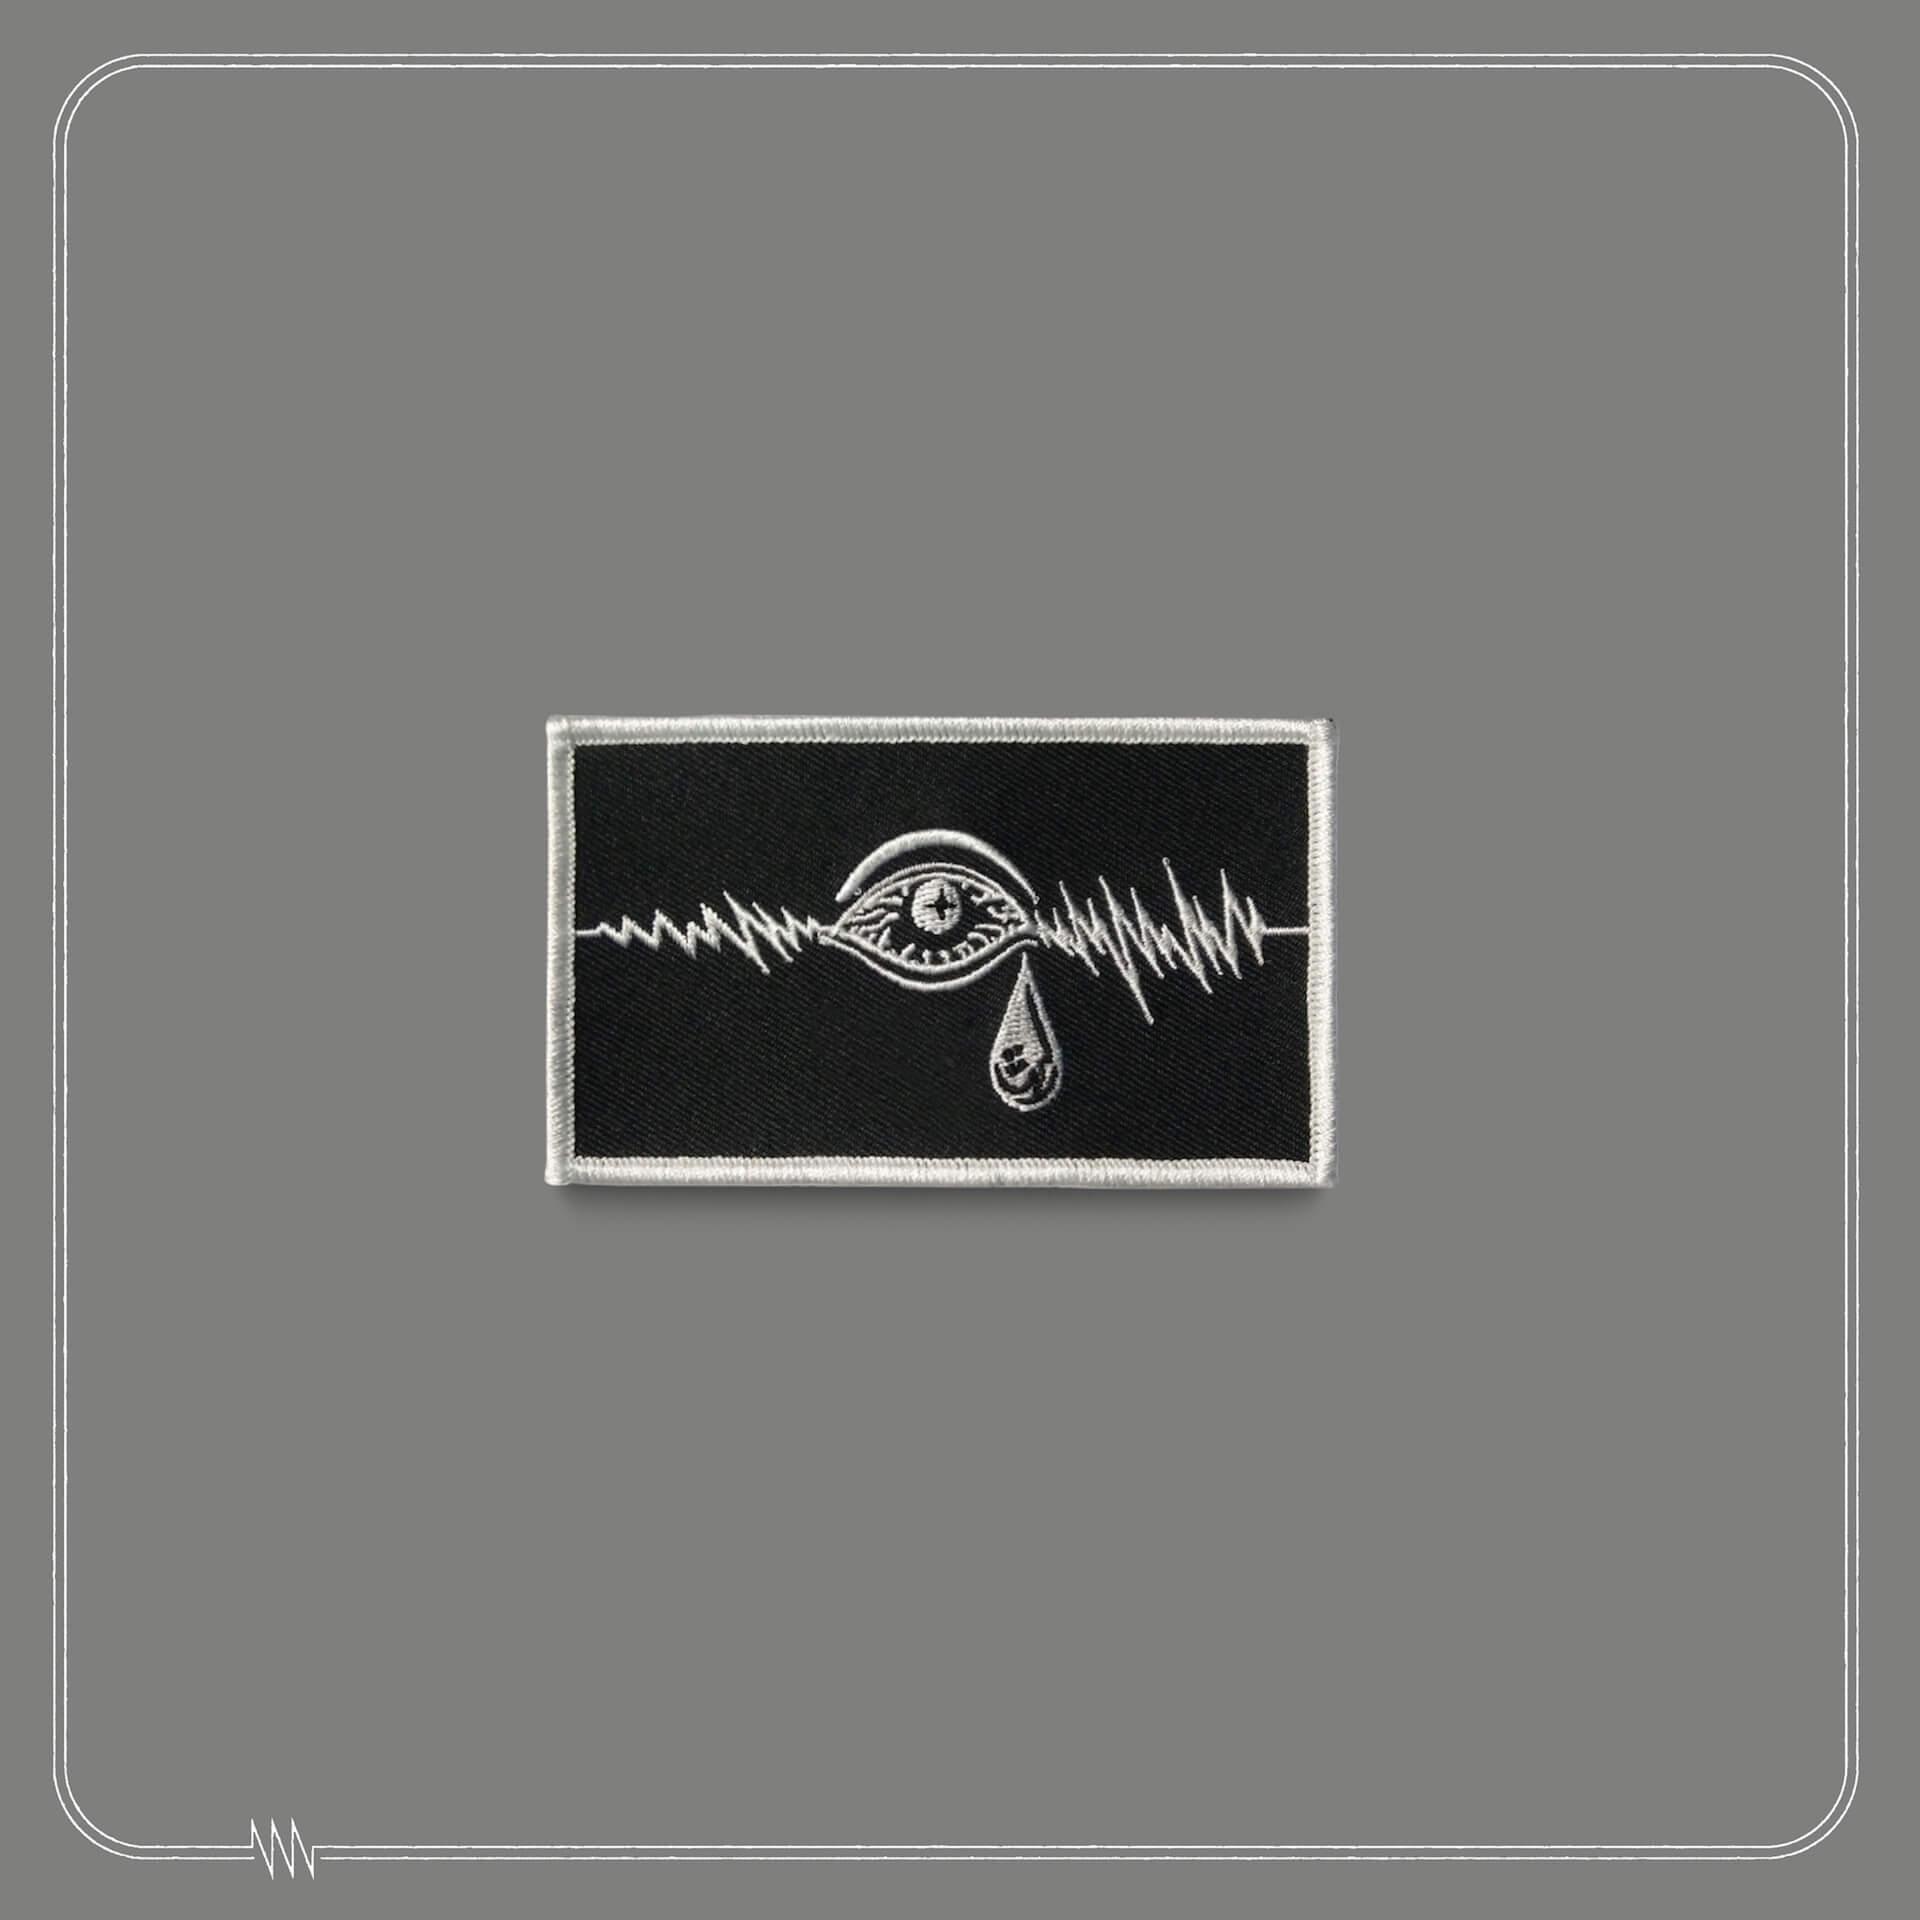 Oneohtrix Point Neverの新アルバム『Magic Oneohtrix Point Never』がリリース決定!シングル3曲をまとめたパッケージが公開 music200924_opn_6